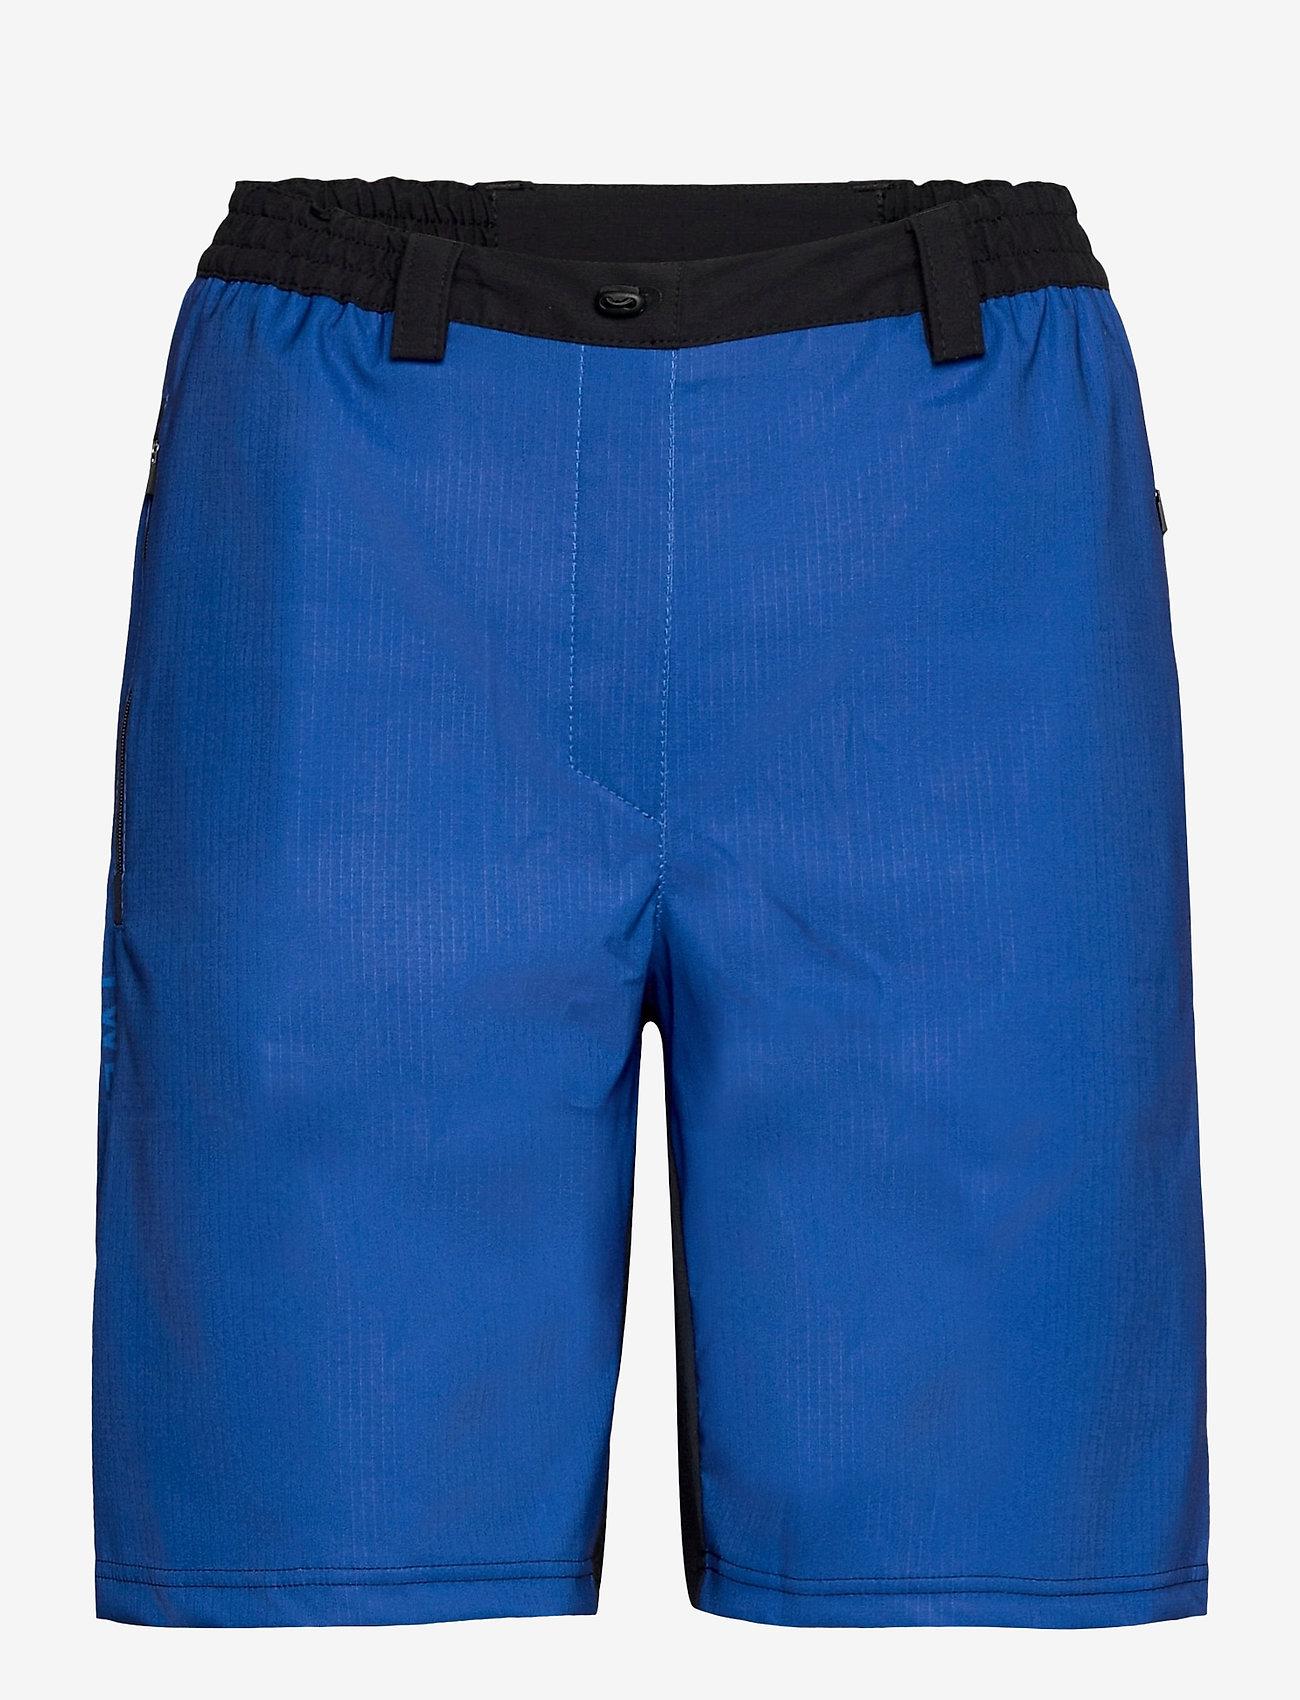 Twelve Sixteen - Biker shorts 17 Women - wielrenshorts & -leggings - blue - 0